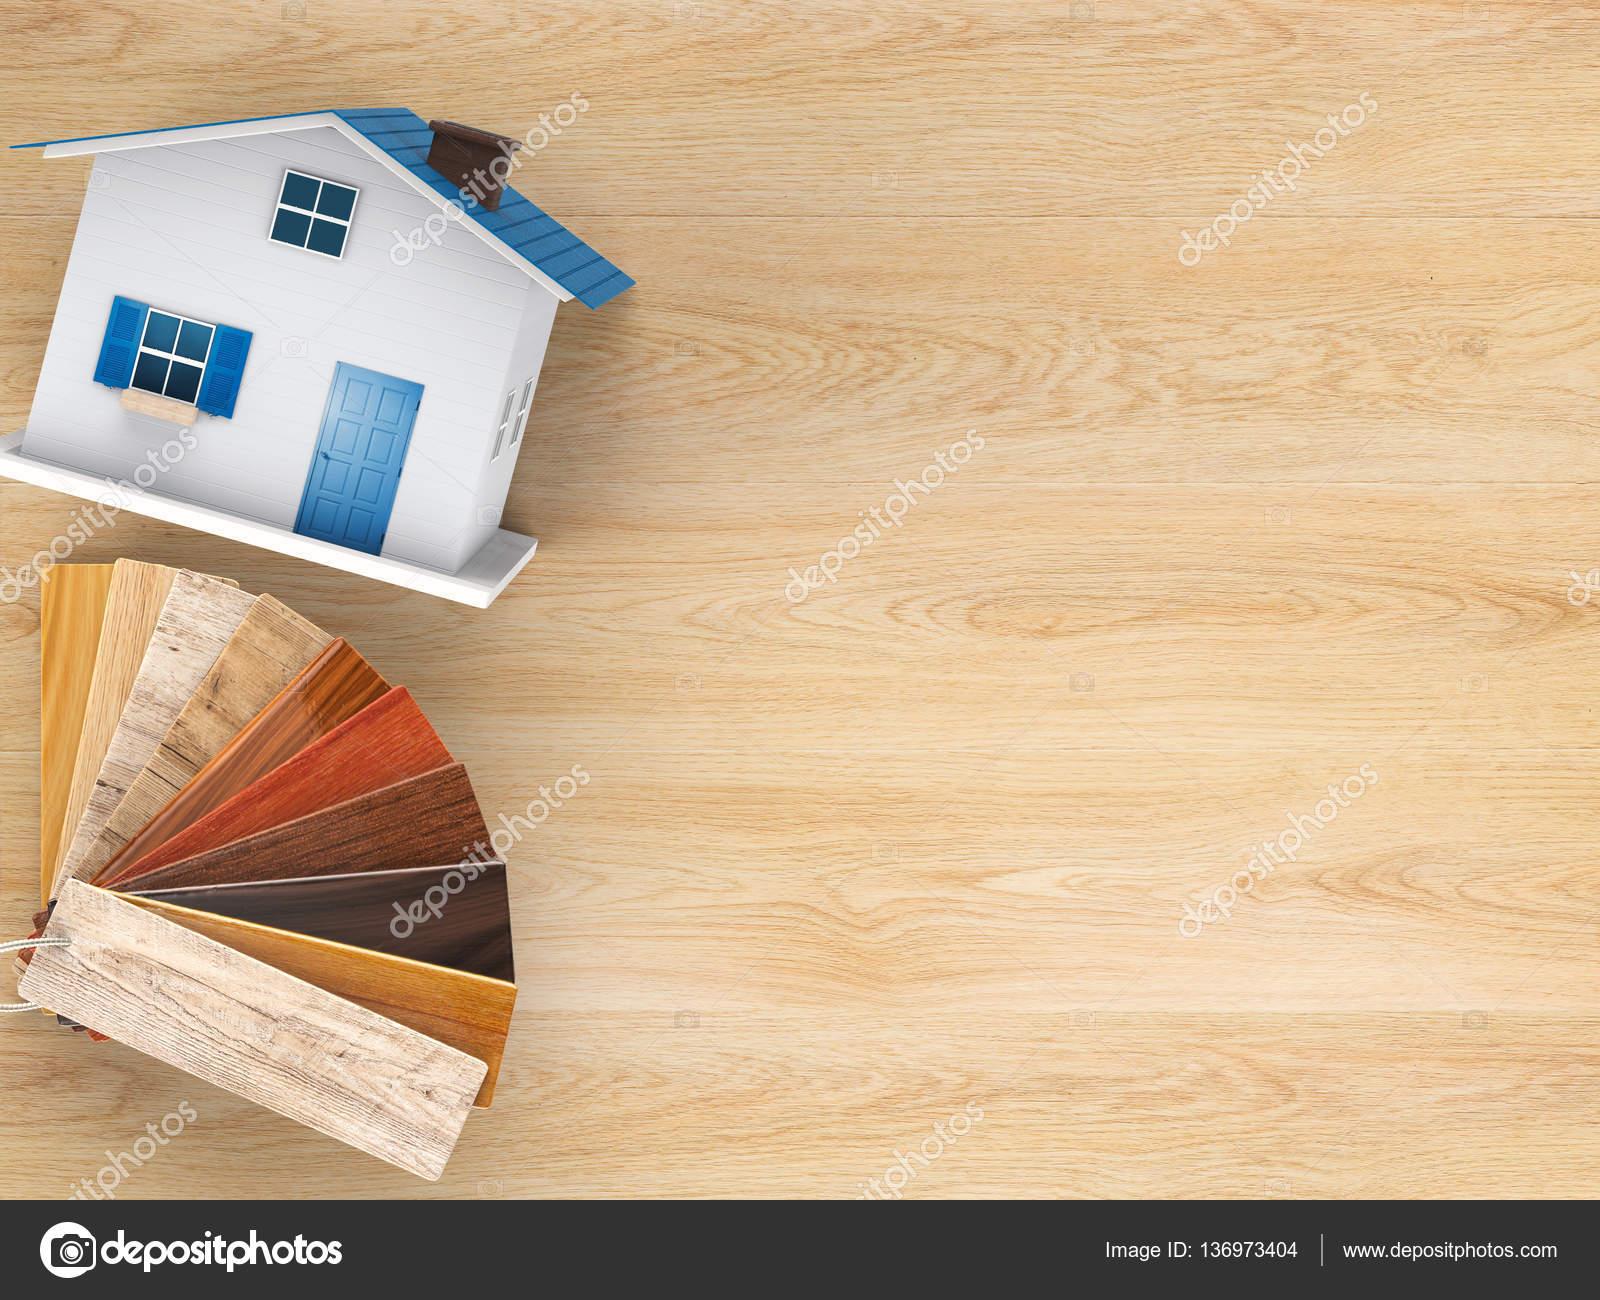 Decorazioni In Legno Per La Casa : Guida di colore di legno per la decorazione della casa u foto